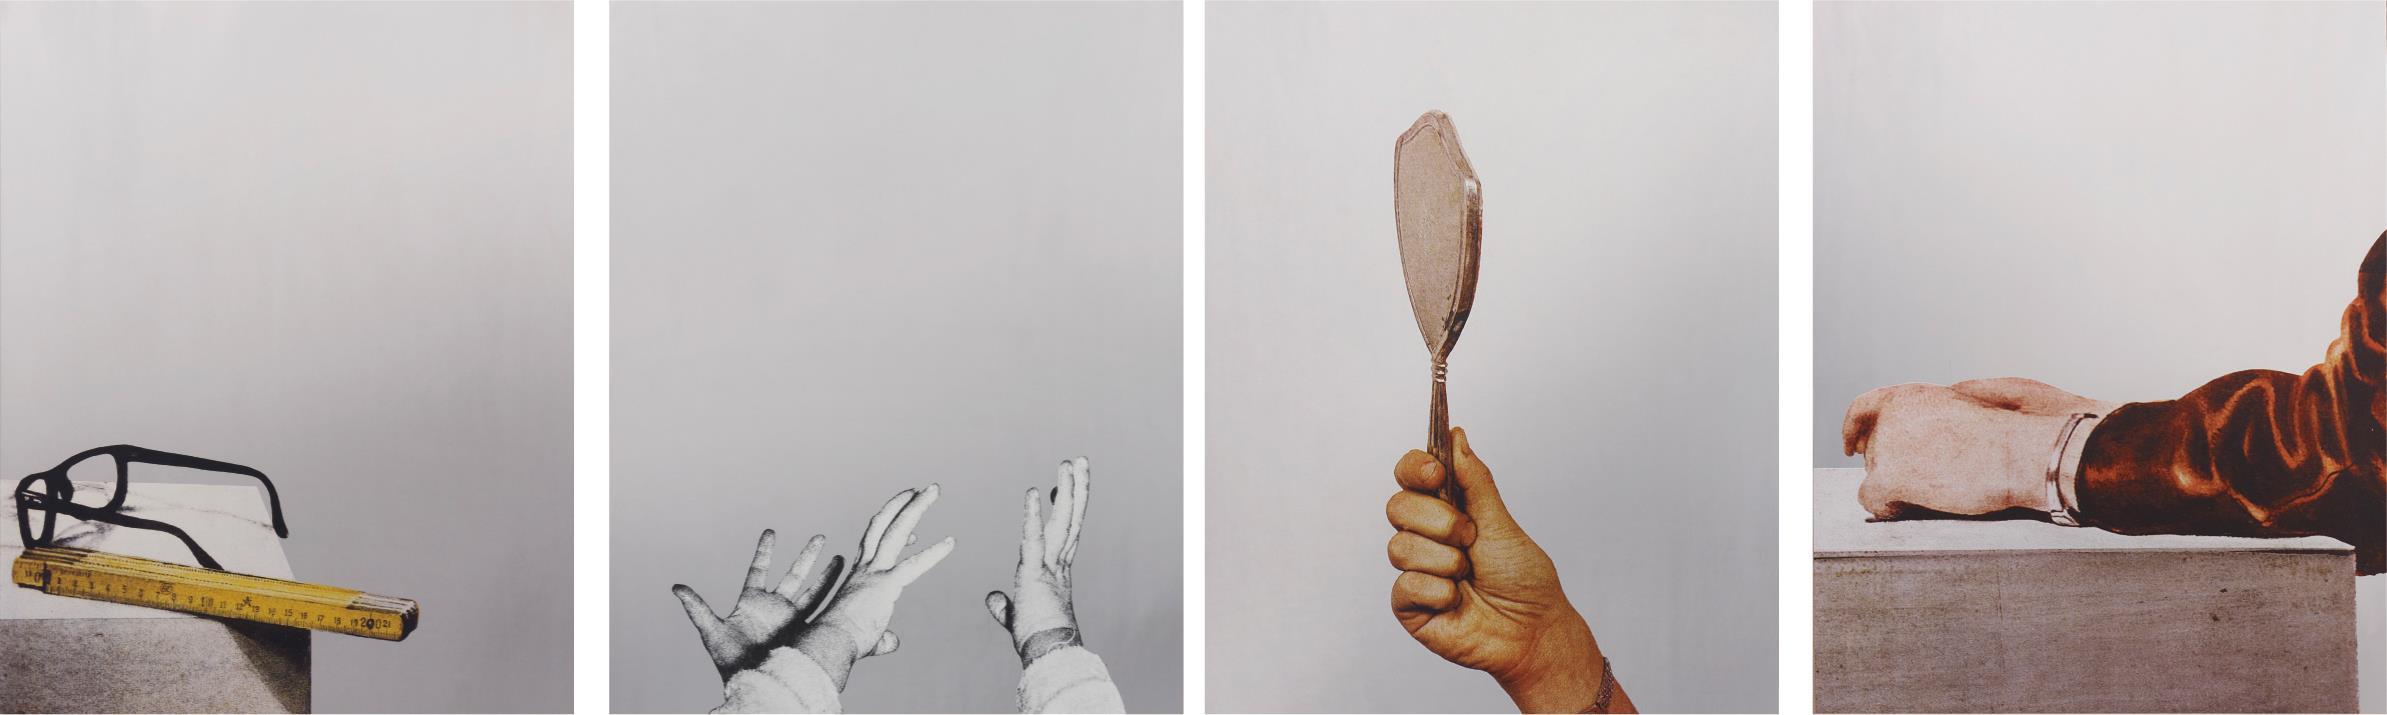 """Cartella di 4 tavole: I Michelangelo Pistoletto """"Gli occhiali e il metro""""; II """"Mani di Bimbo""""; III """"Mano con specchio""""; IV """"Il braccio"""". Tavole in fototipia 50x70 cm ogni foto."""